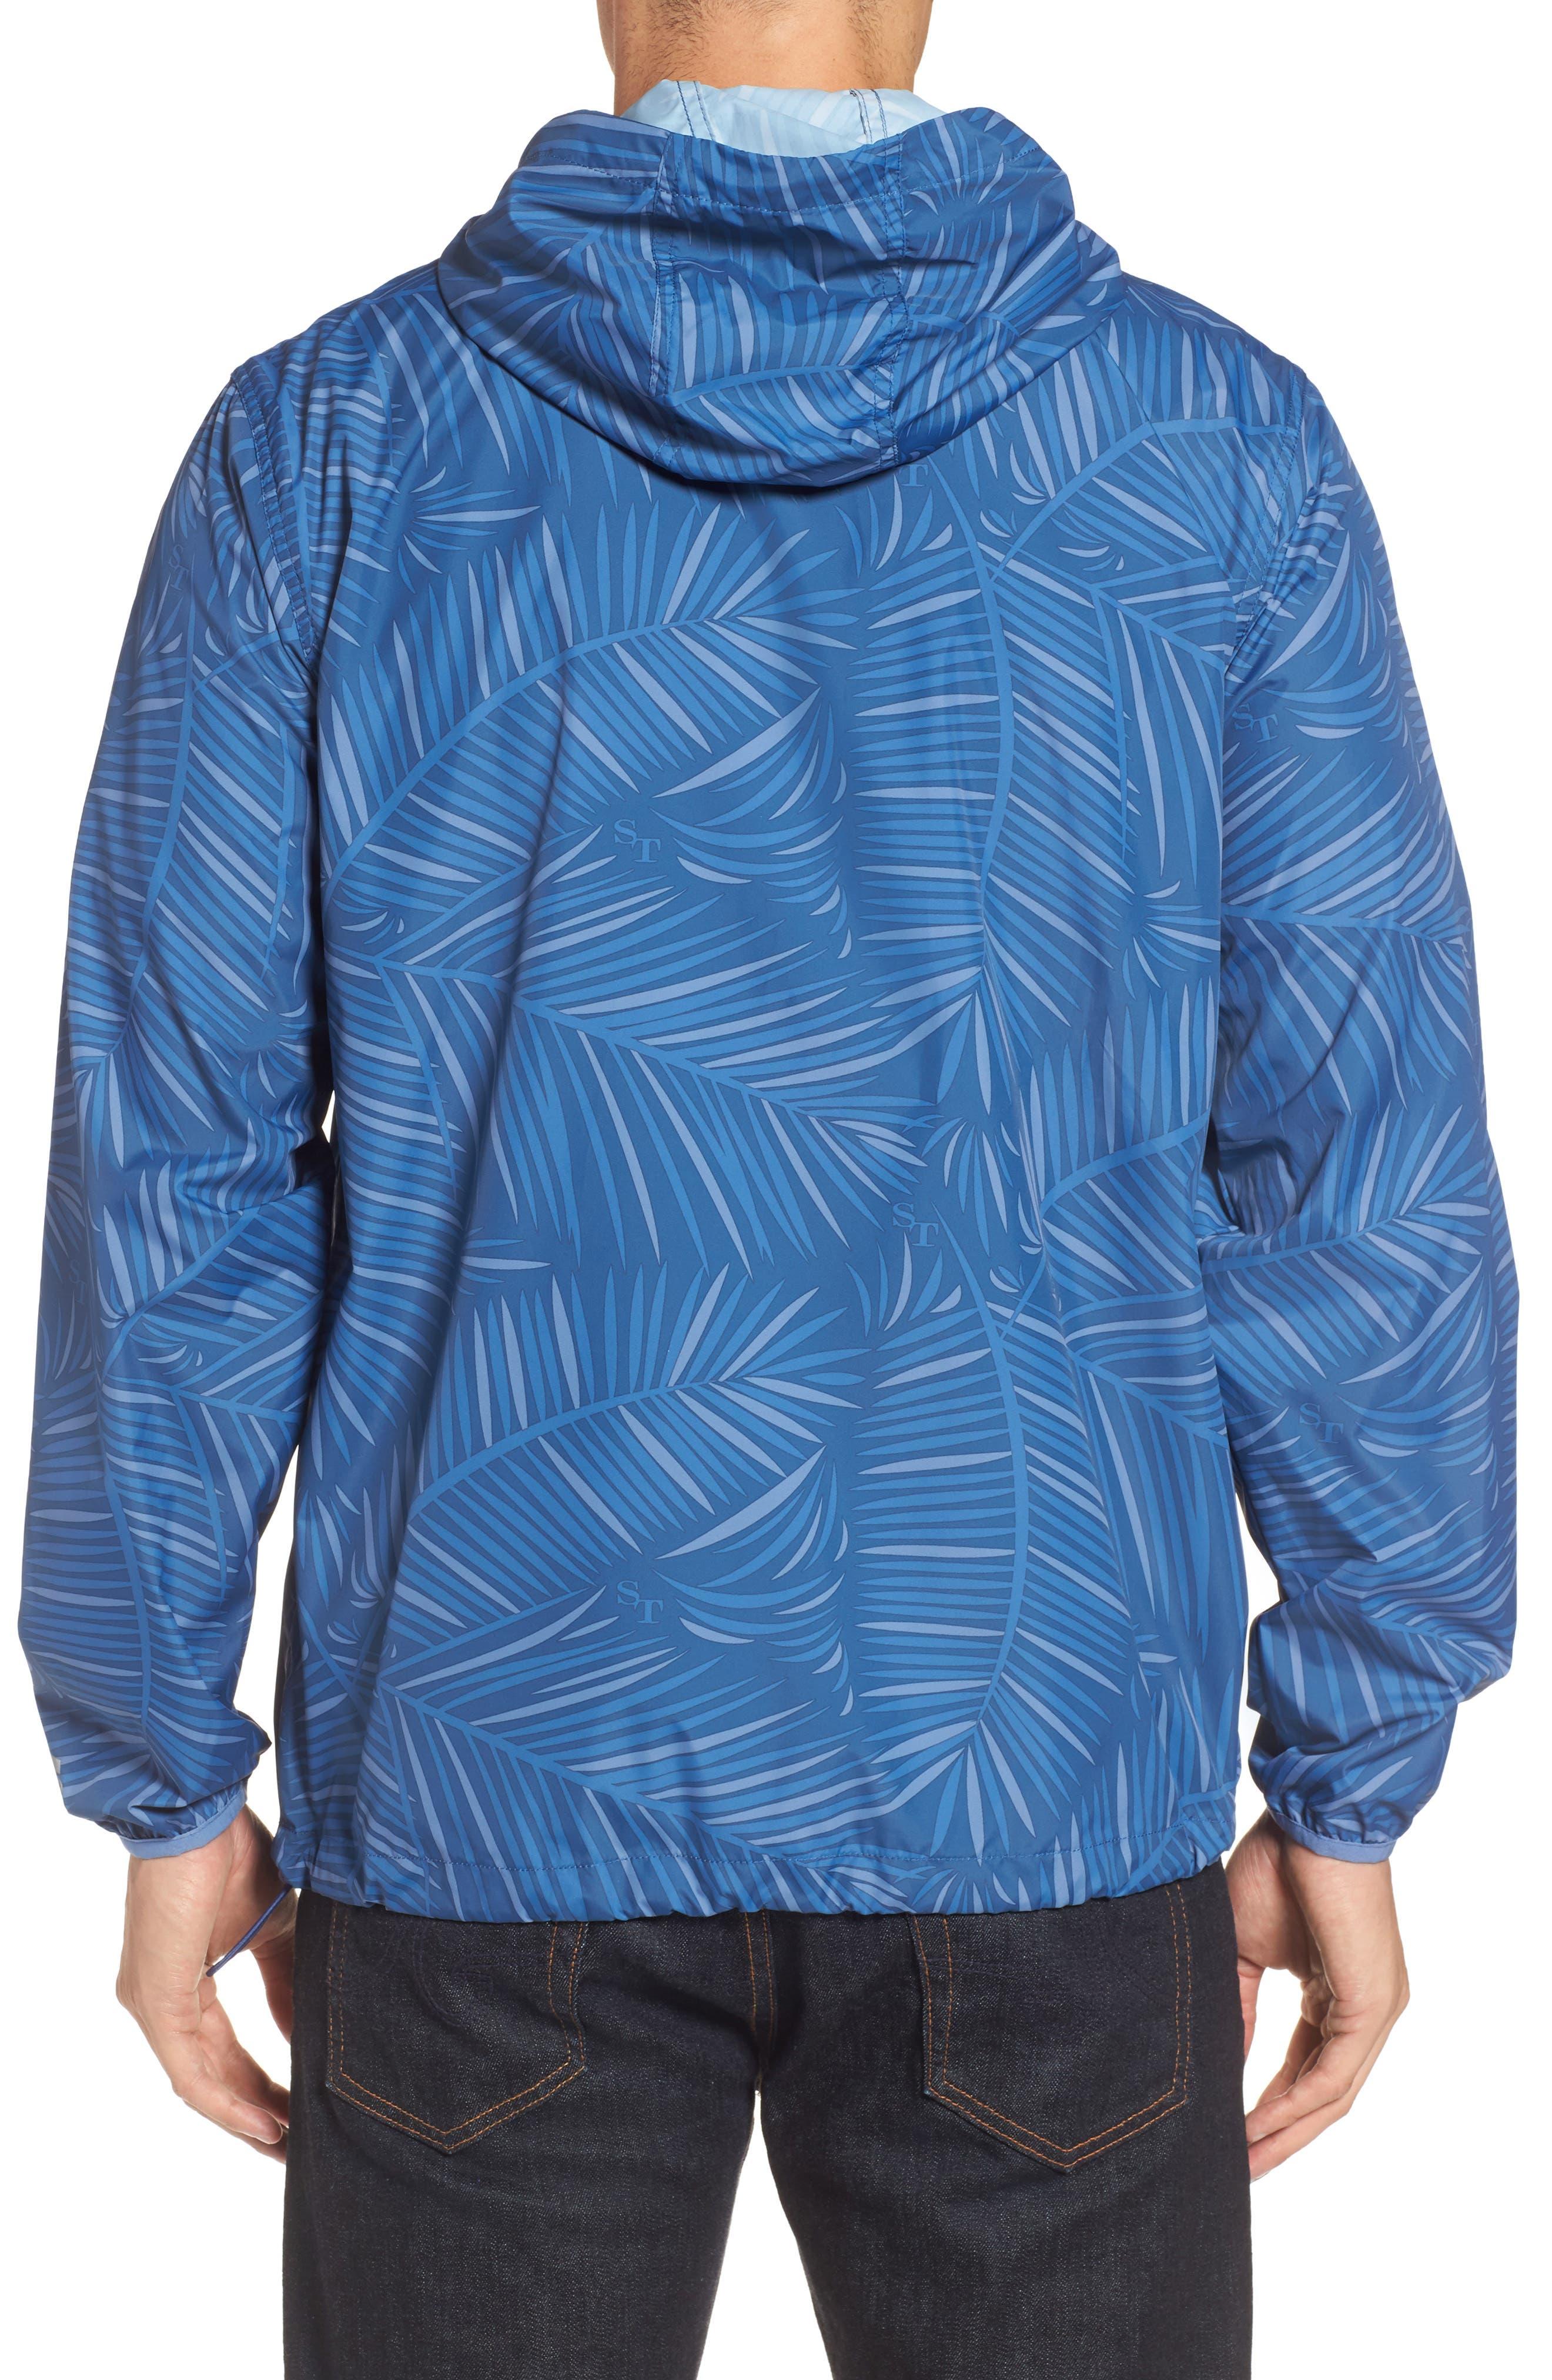 Pelican Peak Full Zip Hooded Jacket,                             Alternate thumbnail 2, color,